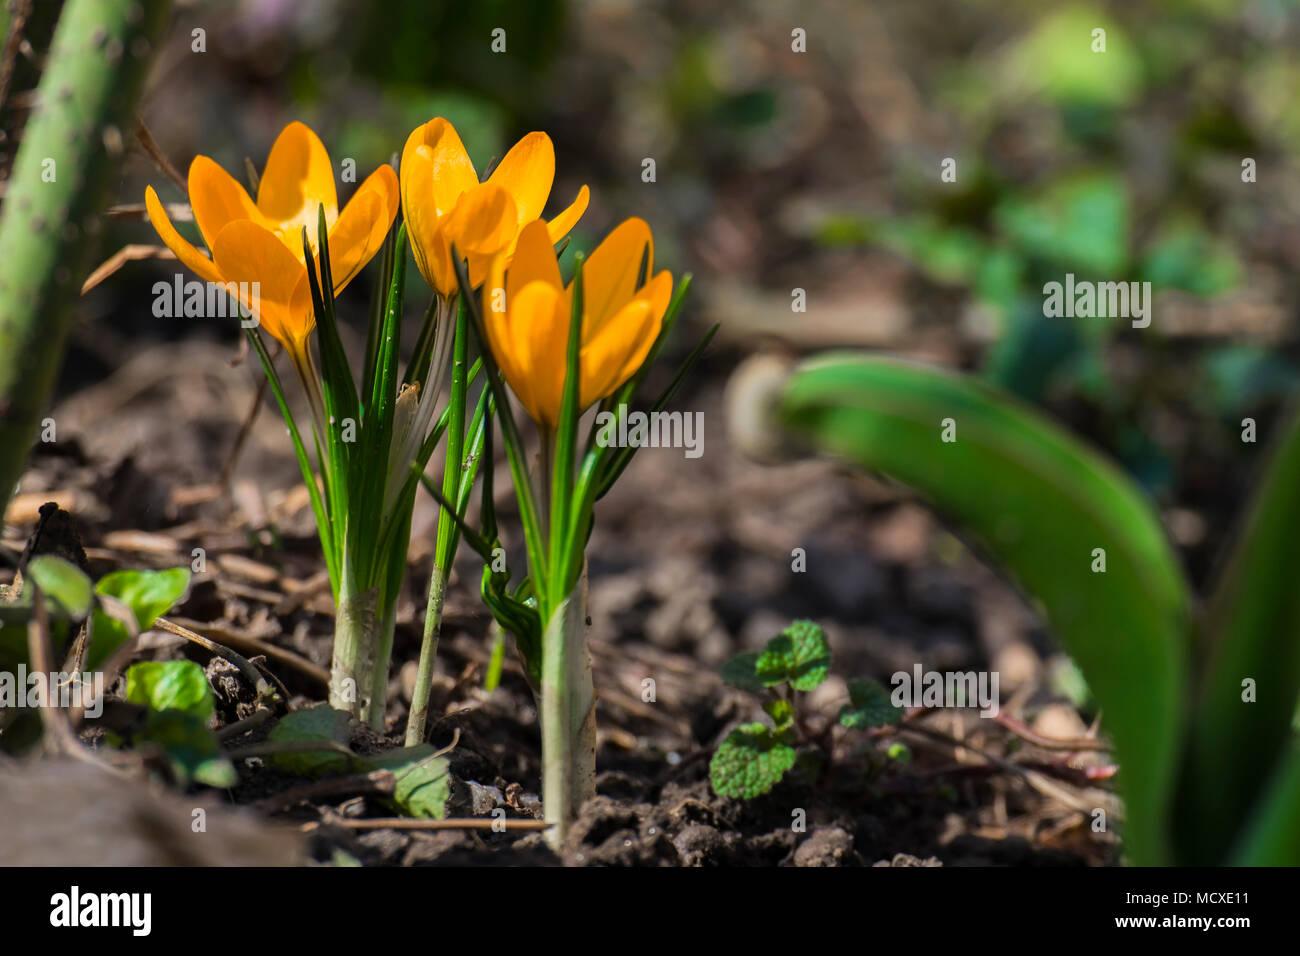 Yellow Crocus Flower In The Garden Crocus Flavus Stock Photo